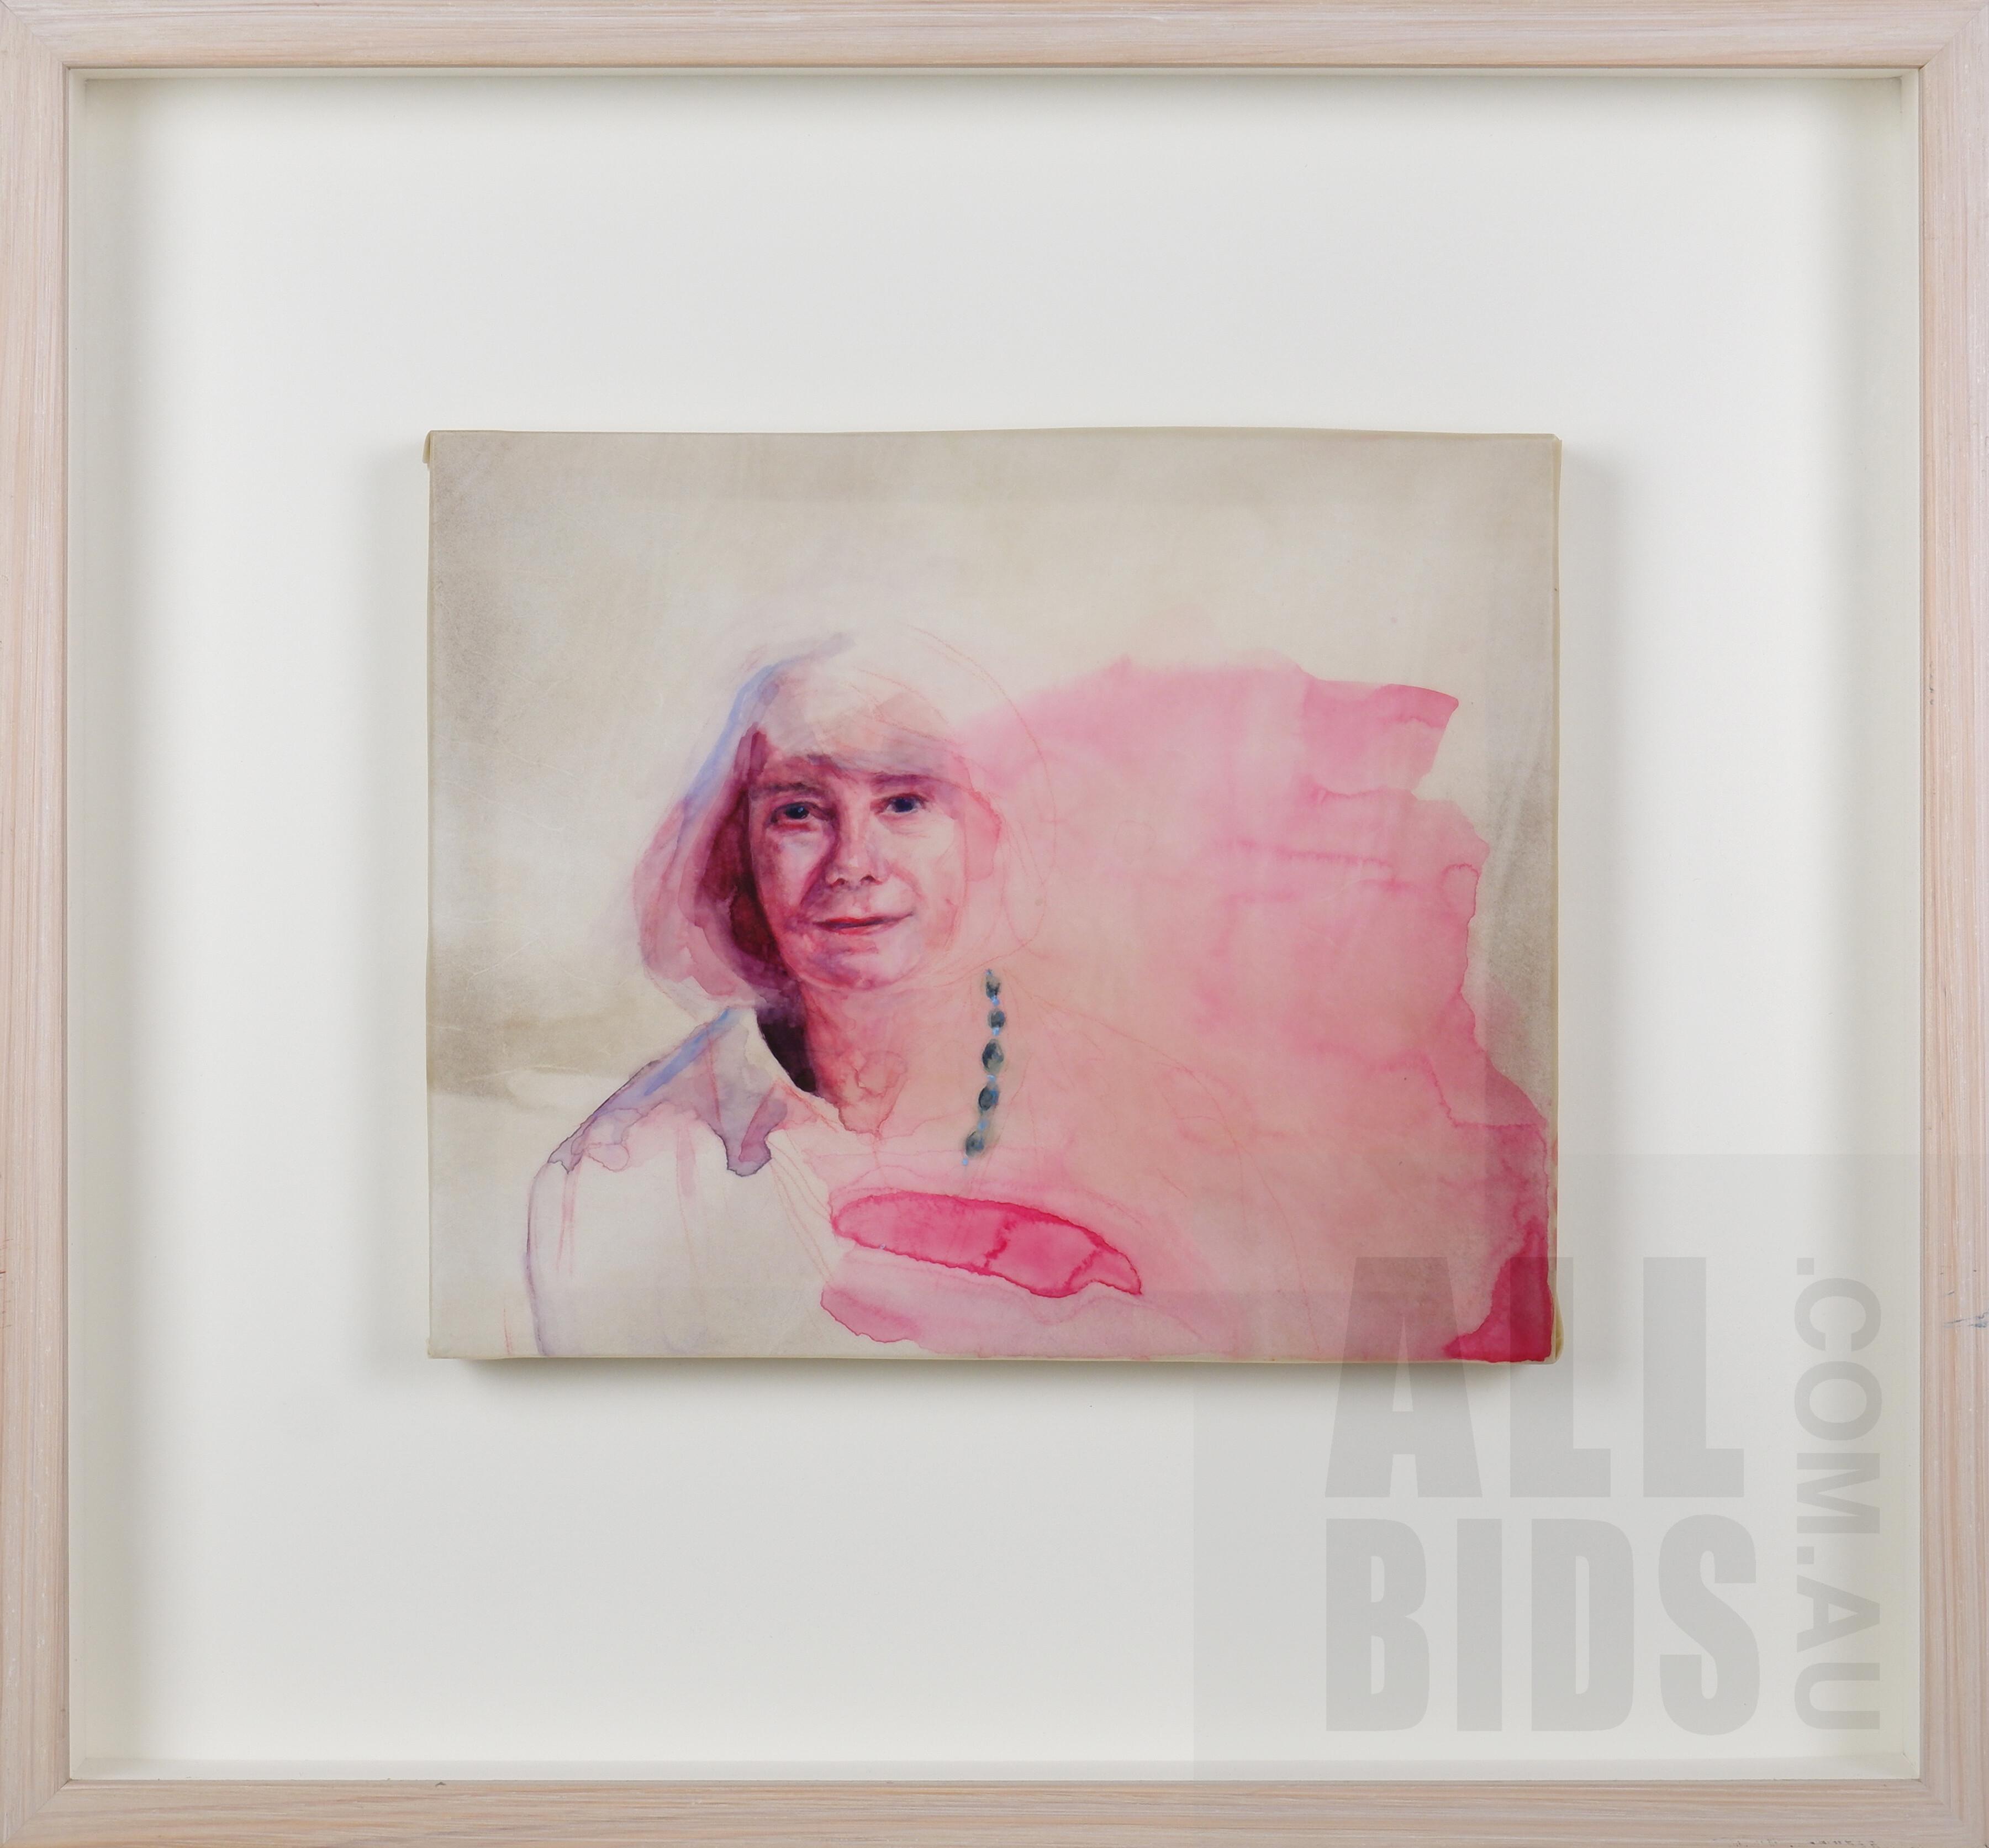 'Leeanne Crisp (born 1950), Study - Portrait of Marion Halligan, Gouache and Watercolour on Vellum, 24.5 x 29.5 cm'